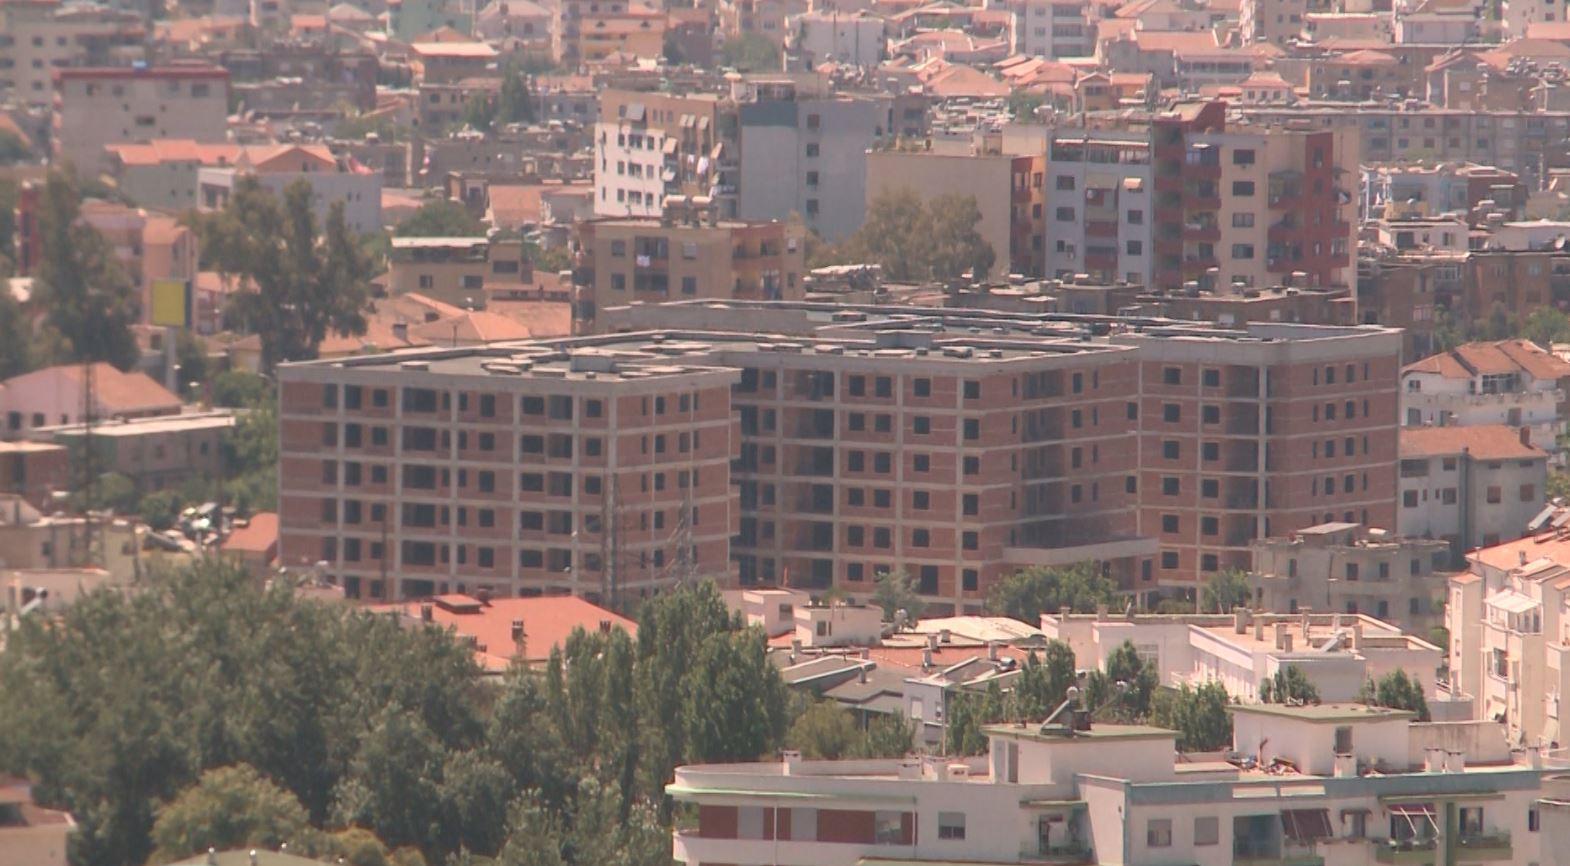 Ndërtimet e reja, INSTAT: Numri i lejeve u rrit kryeson Tirana